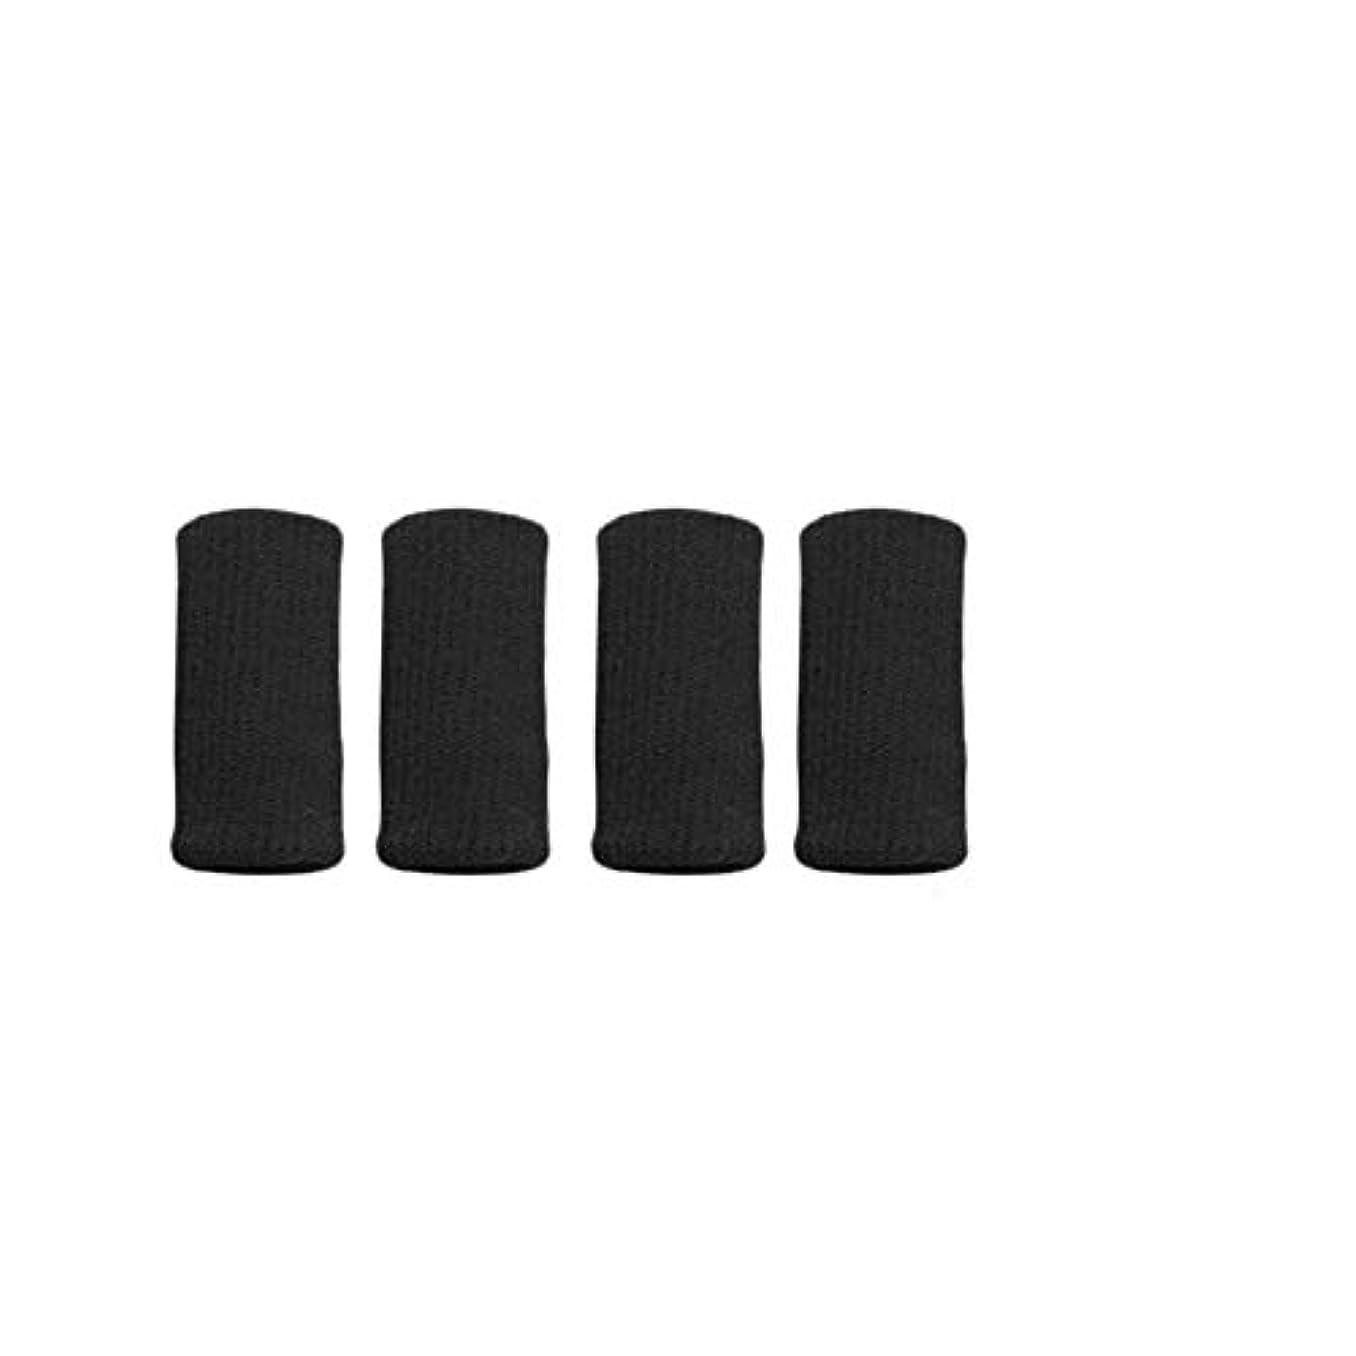 摂氏確認するバイオリン1st market 指の袖はバスケットボールの腱炎のための伸縮性がある保護装置カバーを支えます